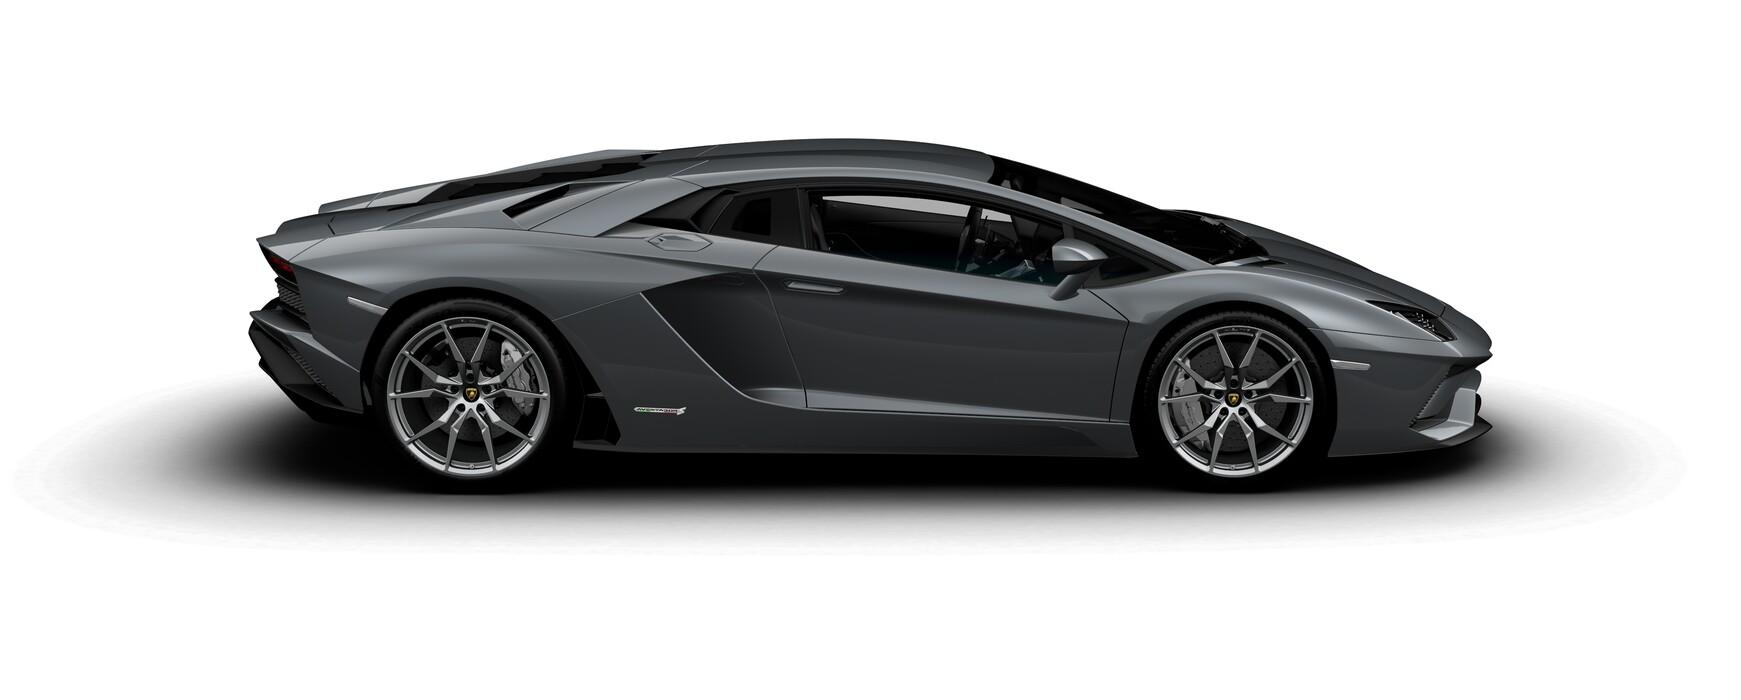 Lamborghini Aventador S Coupe pearl Grigio Telesto side view